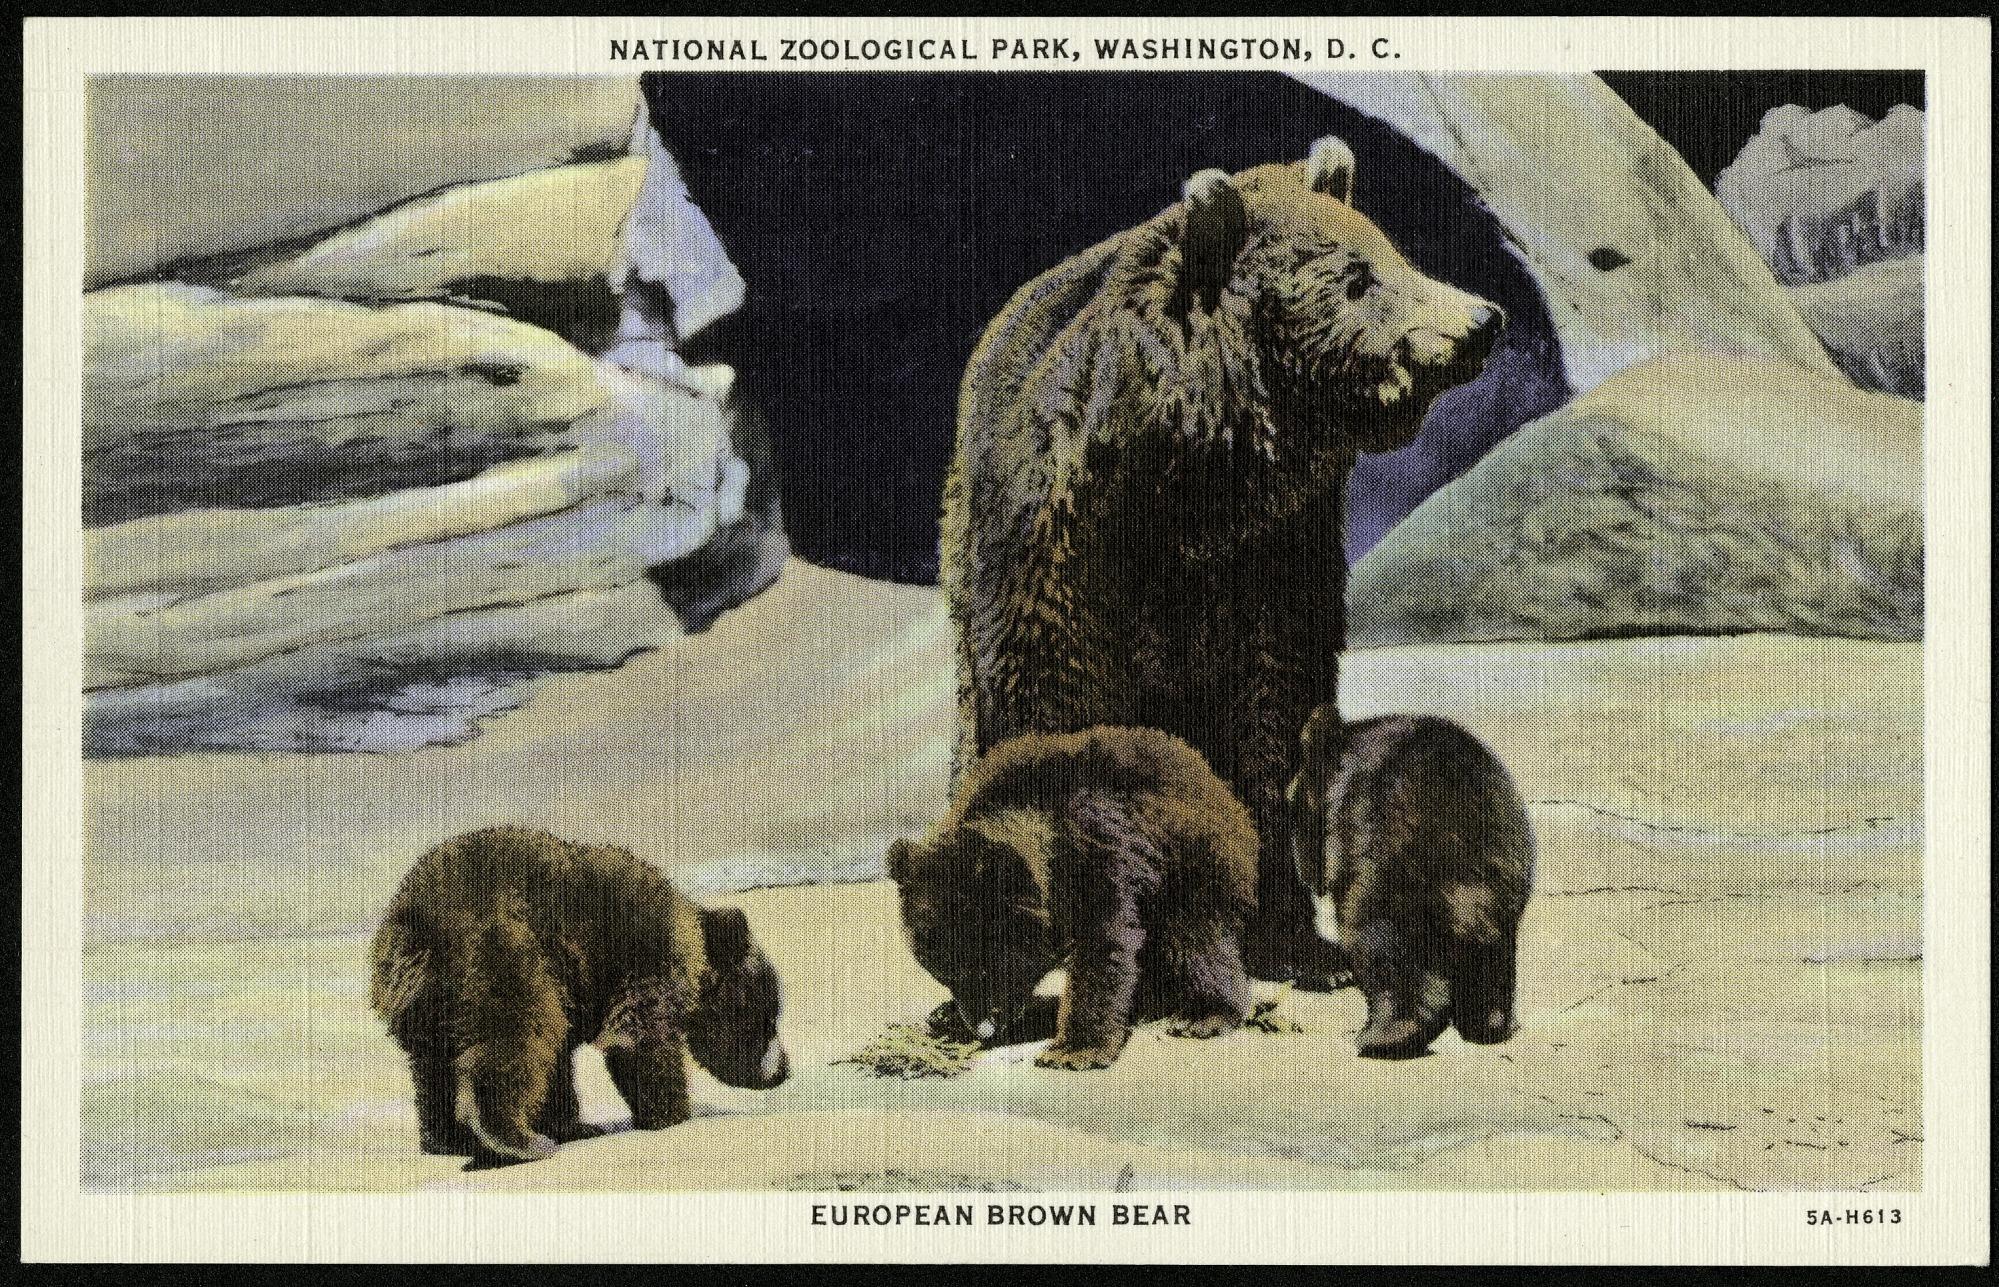 Postcard of European Brown Bears